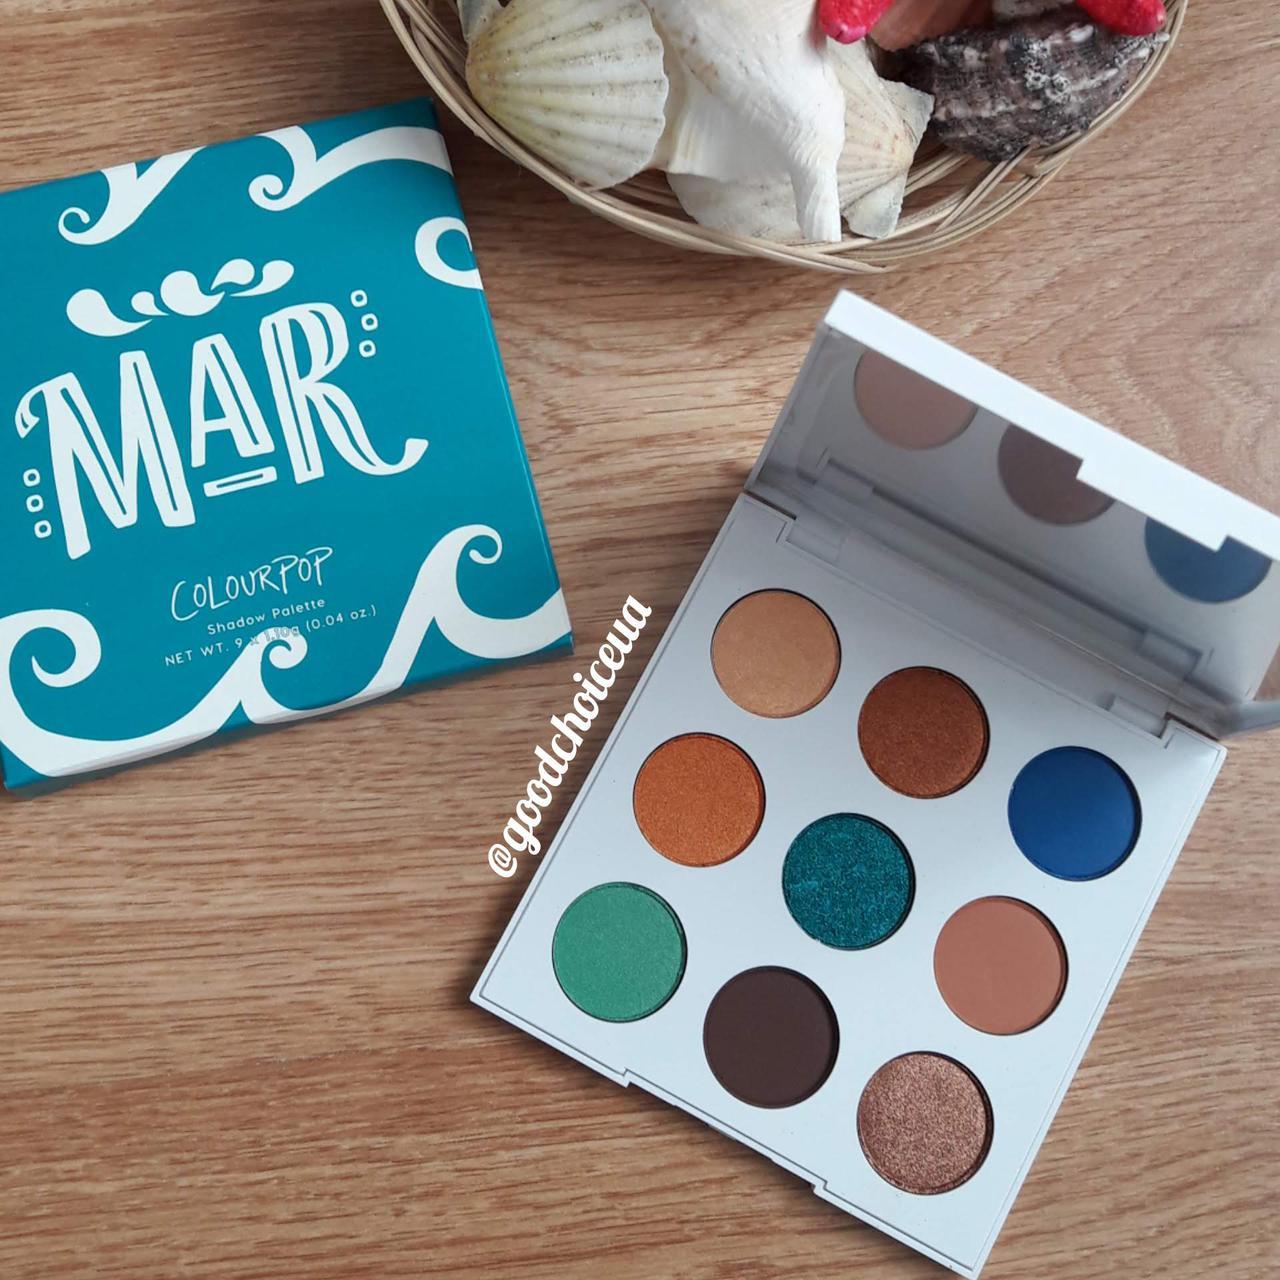 Палетка теней ColourPop - Mar - Pressed Powder Shadow Palette